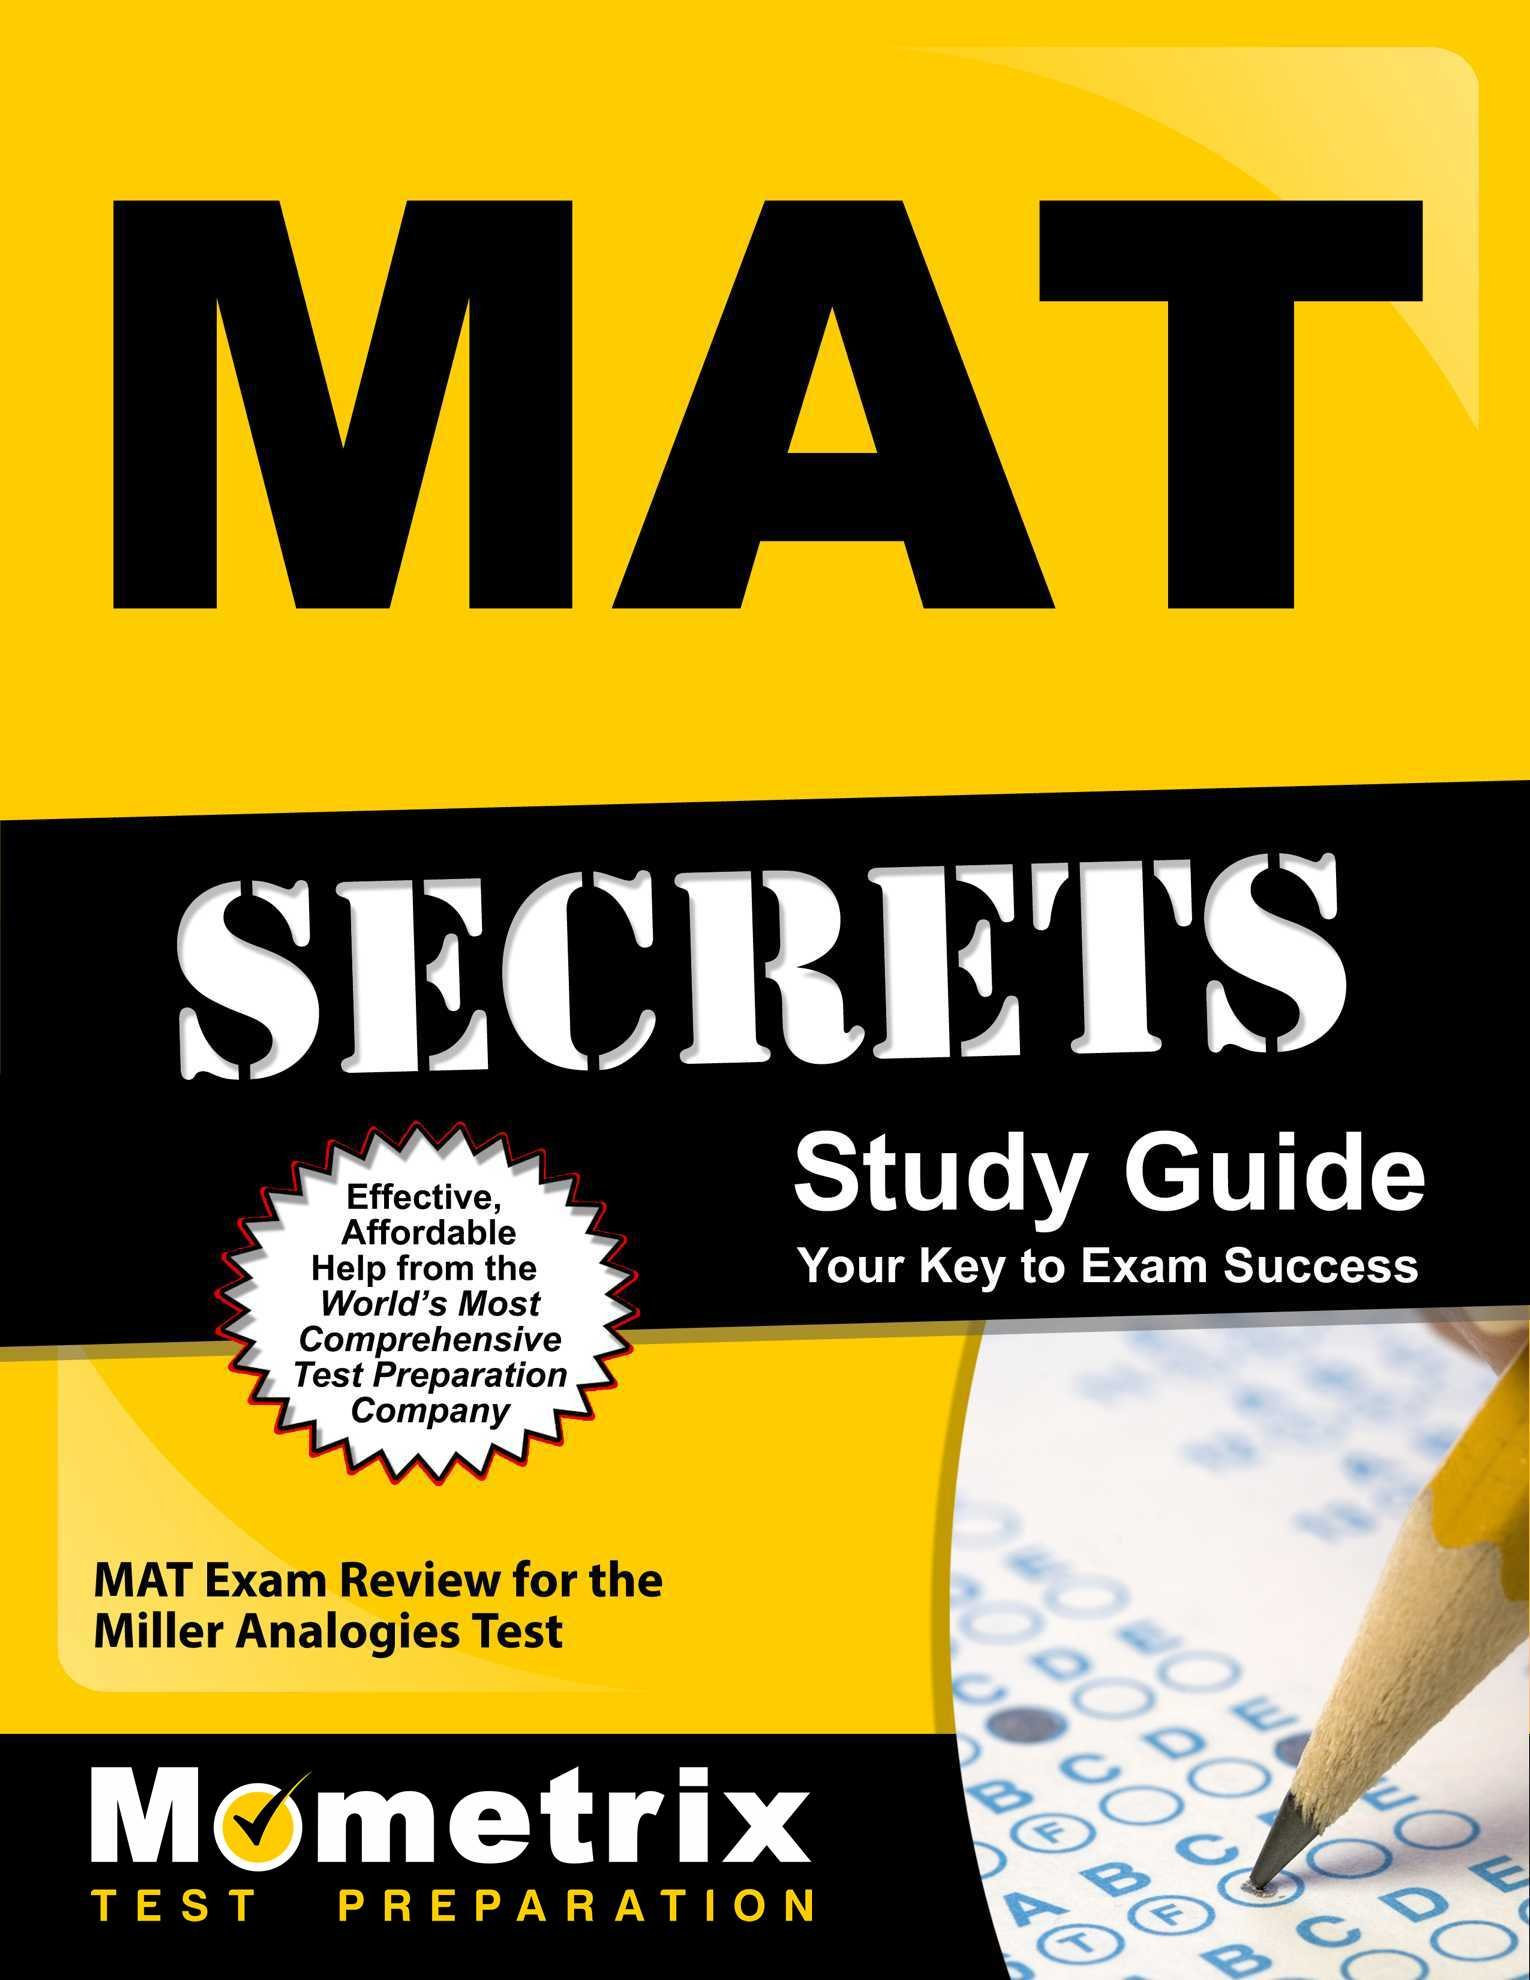 elhefnawy calculus midterm studysoup mats study mat farrah guide lehigh exam fall